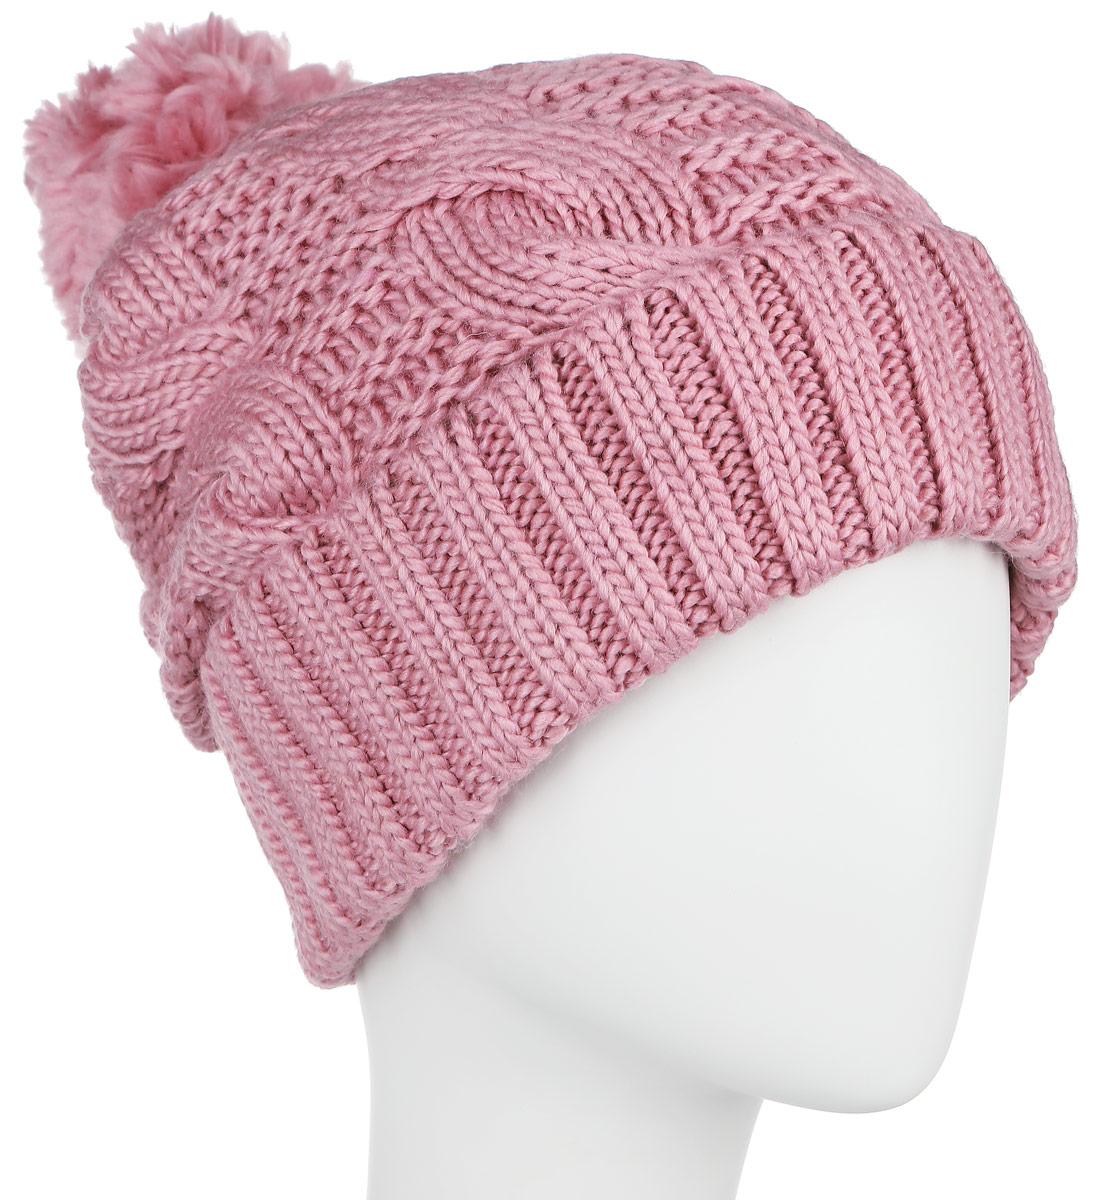 Шапка женская Finn Flare, цвет: пепельно-розовый. A16-32124_325. Размер 56A16-32124_325Стильная женская шапка Finn Flare дополнит ваш наряд и не позволит вам замерзнуть в холодное время года. Шапка выполнена из высококачественной, комбинированной пряжи, что позволяет ей великолепно сохранять тепло и обеспечивает высокую эластичность и удобство посадки. Изделие дополнено теплой флисовой подкладкой.Модель с удлиненной макушкой оформлена оригинальным узором и дополнена пушистым помпоном. Такая шапка станет модным и стильным дополнением вашего гардероба. Она согреет вас и позволит подчеркнуть свою индивидуальность! Уважаемые клиенты!Размер, доступный для заказа, является обхватом головы.